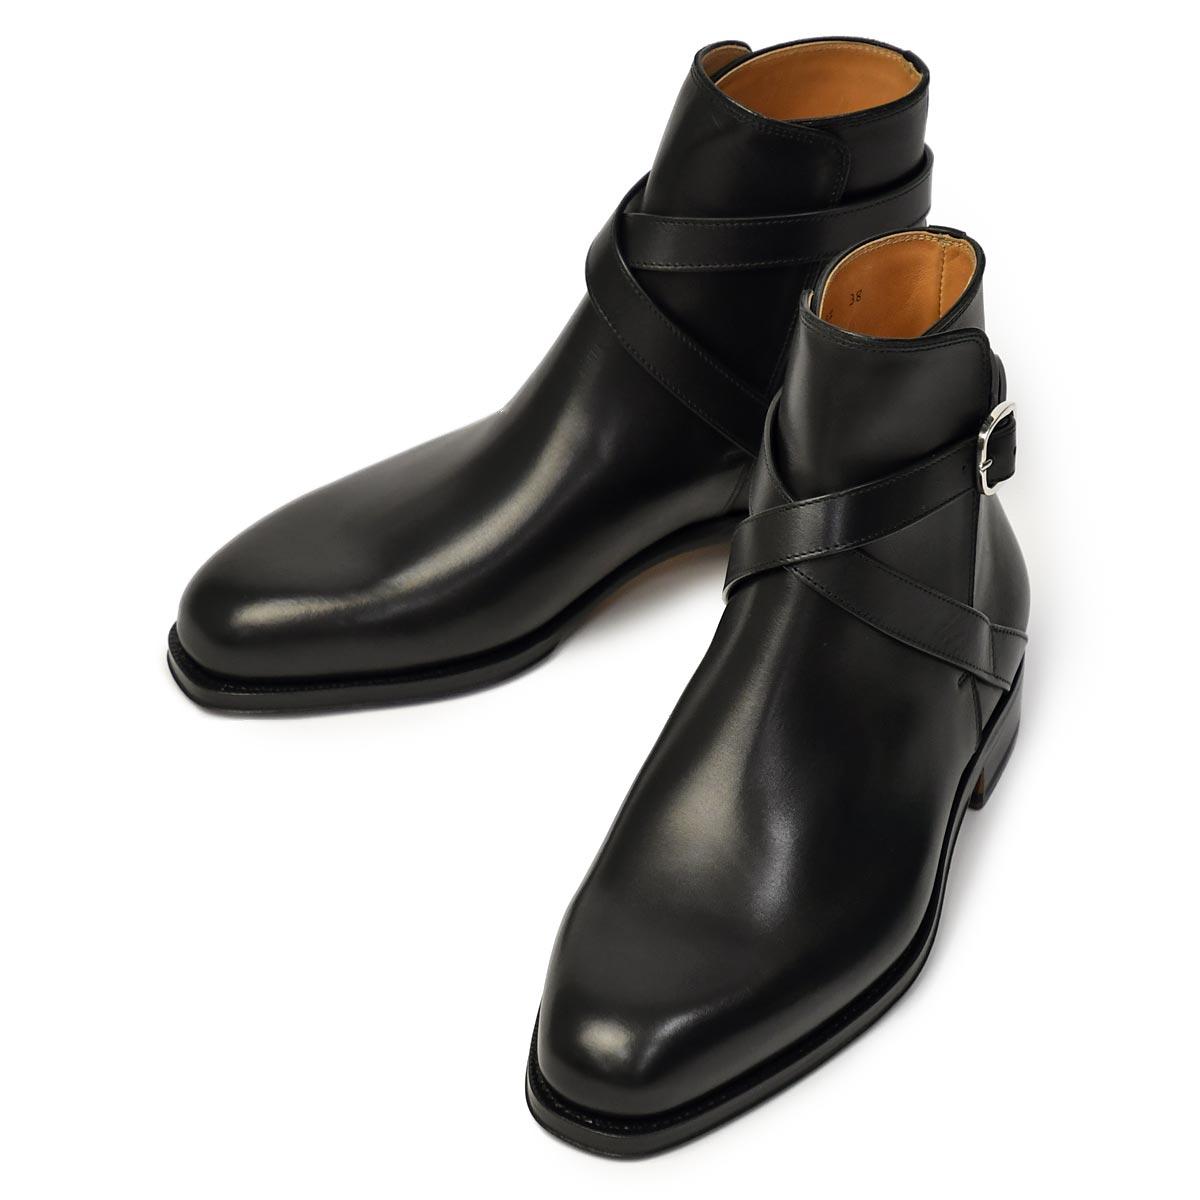 F.LLI Giacometti【フラテッリ ジャコメッティ】ジョッパーブーツ FG337 ボックスカーフ シャトーブリアン ブラック